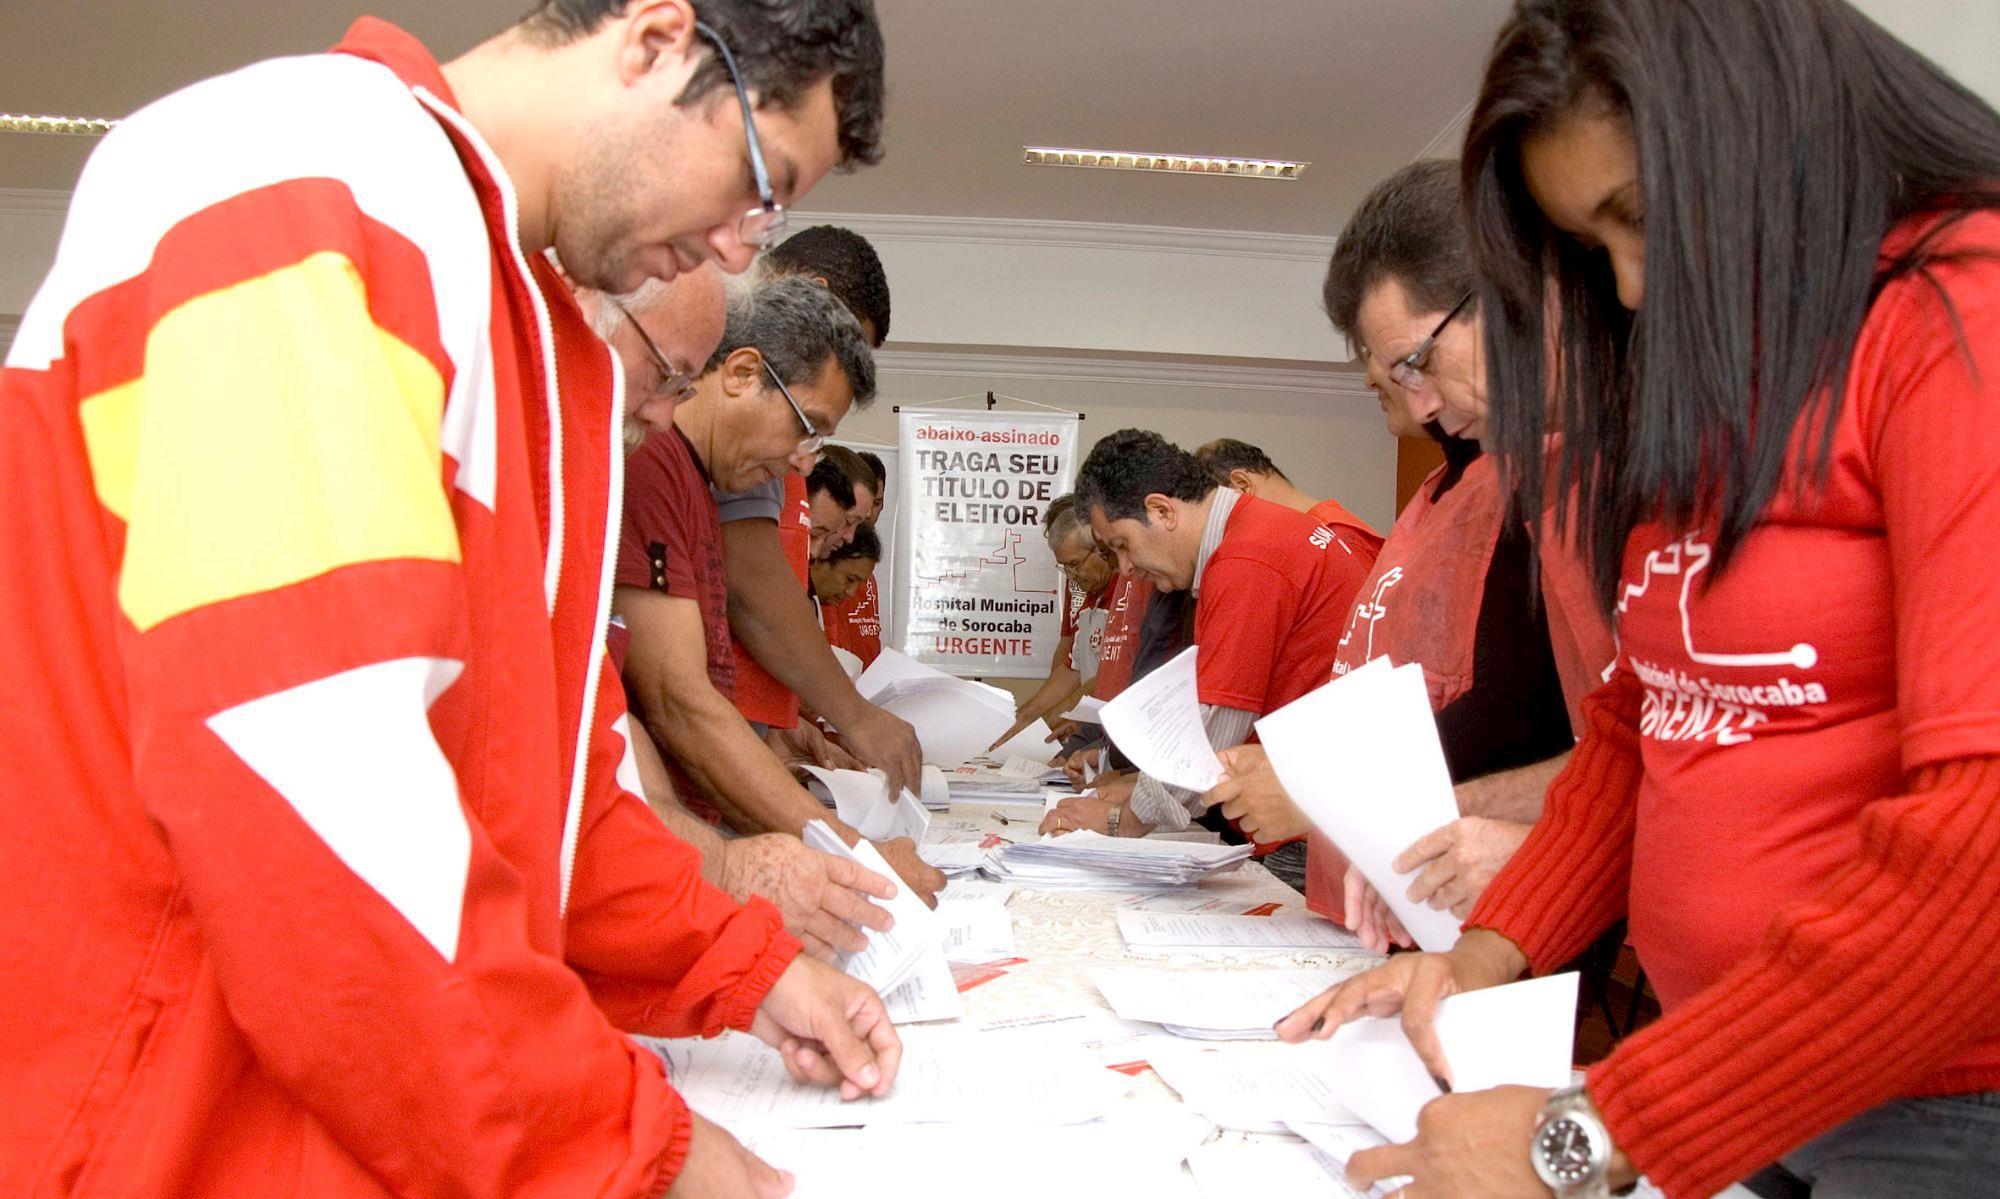 assinatura,, coleta, hospital, Arquivo: Foguinho/Imprensa SMetal